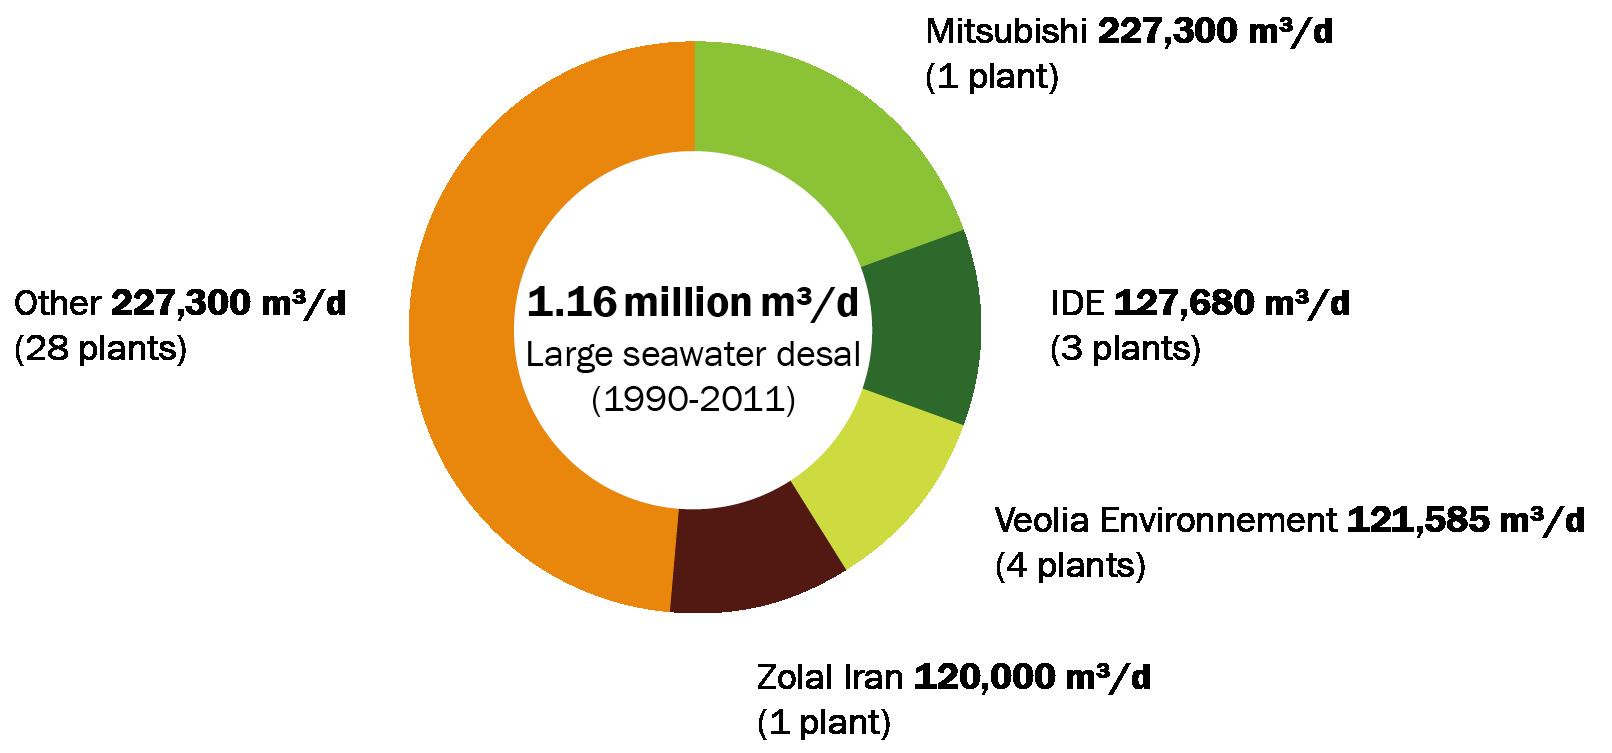 Refining large seawate fmt2